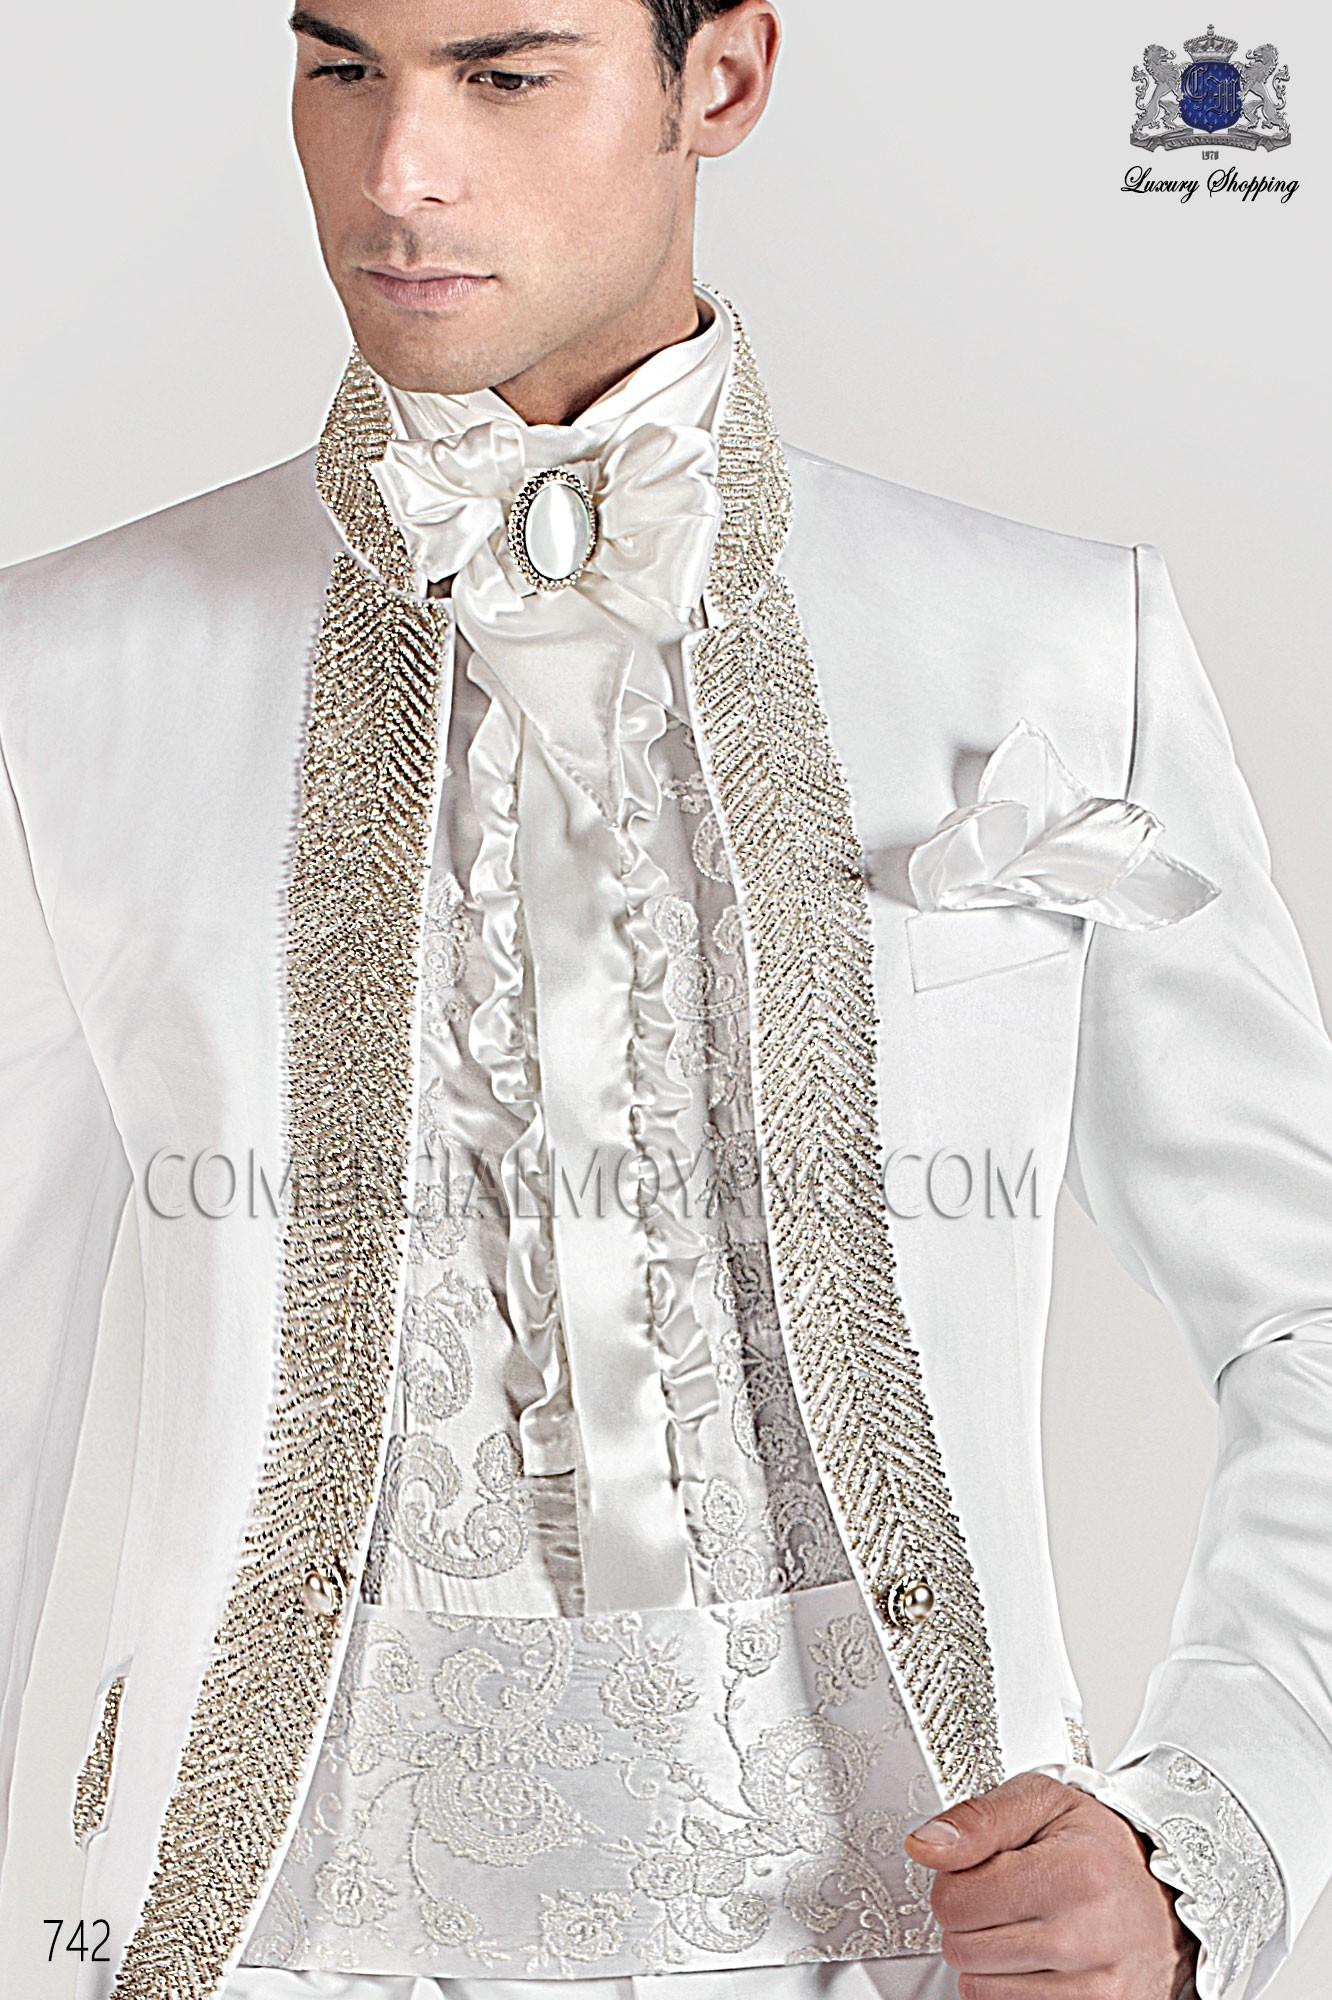 Traje barroco de novio blanco modelo: 742 Ottavio Nuccio Gala colección 2017 Barroco